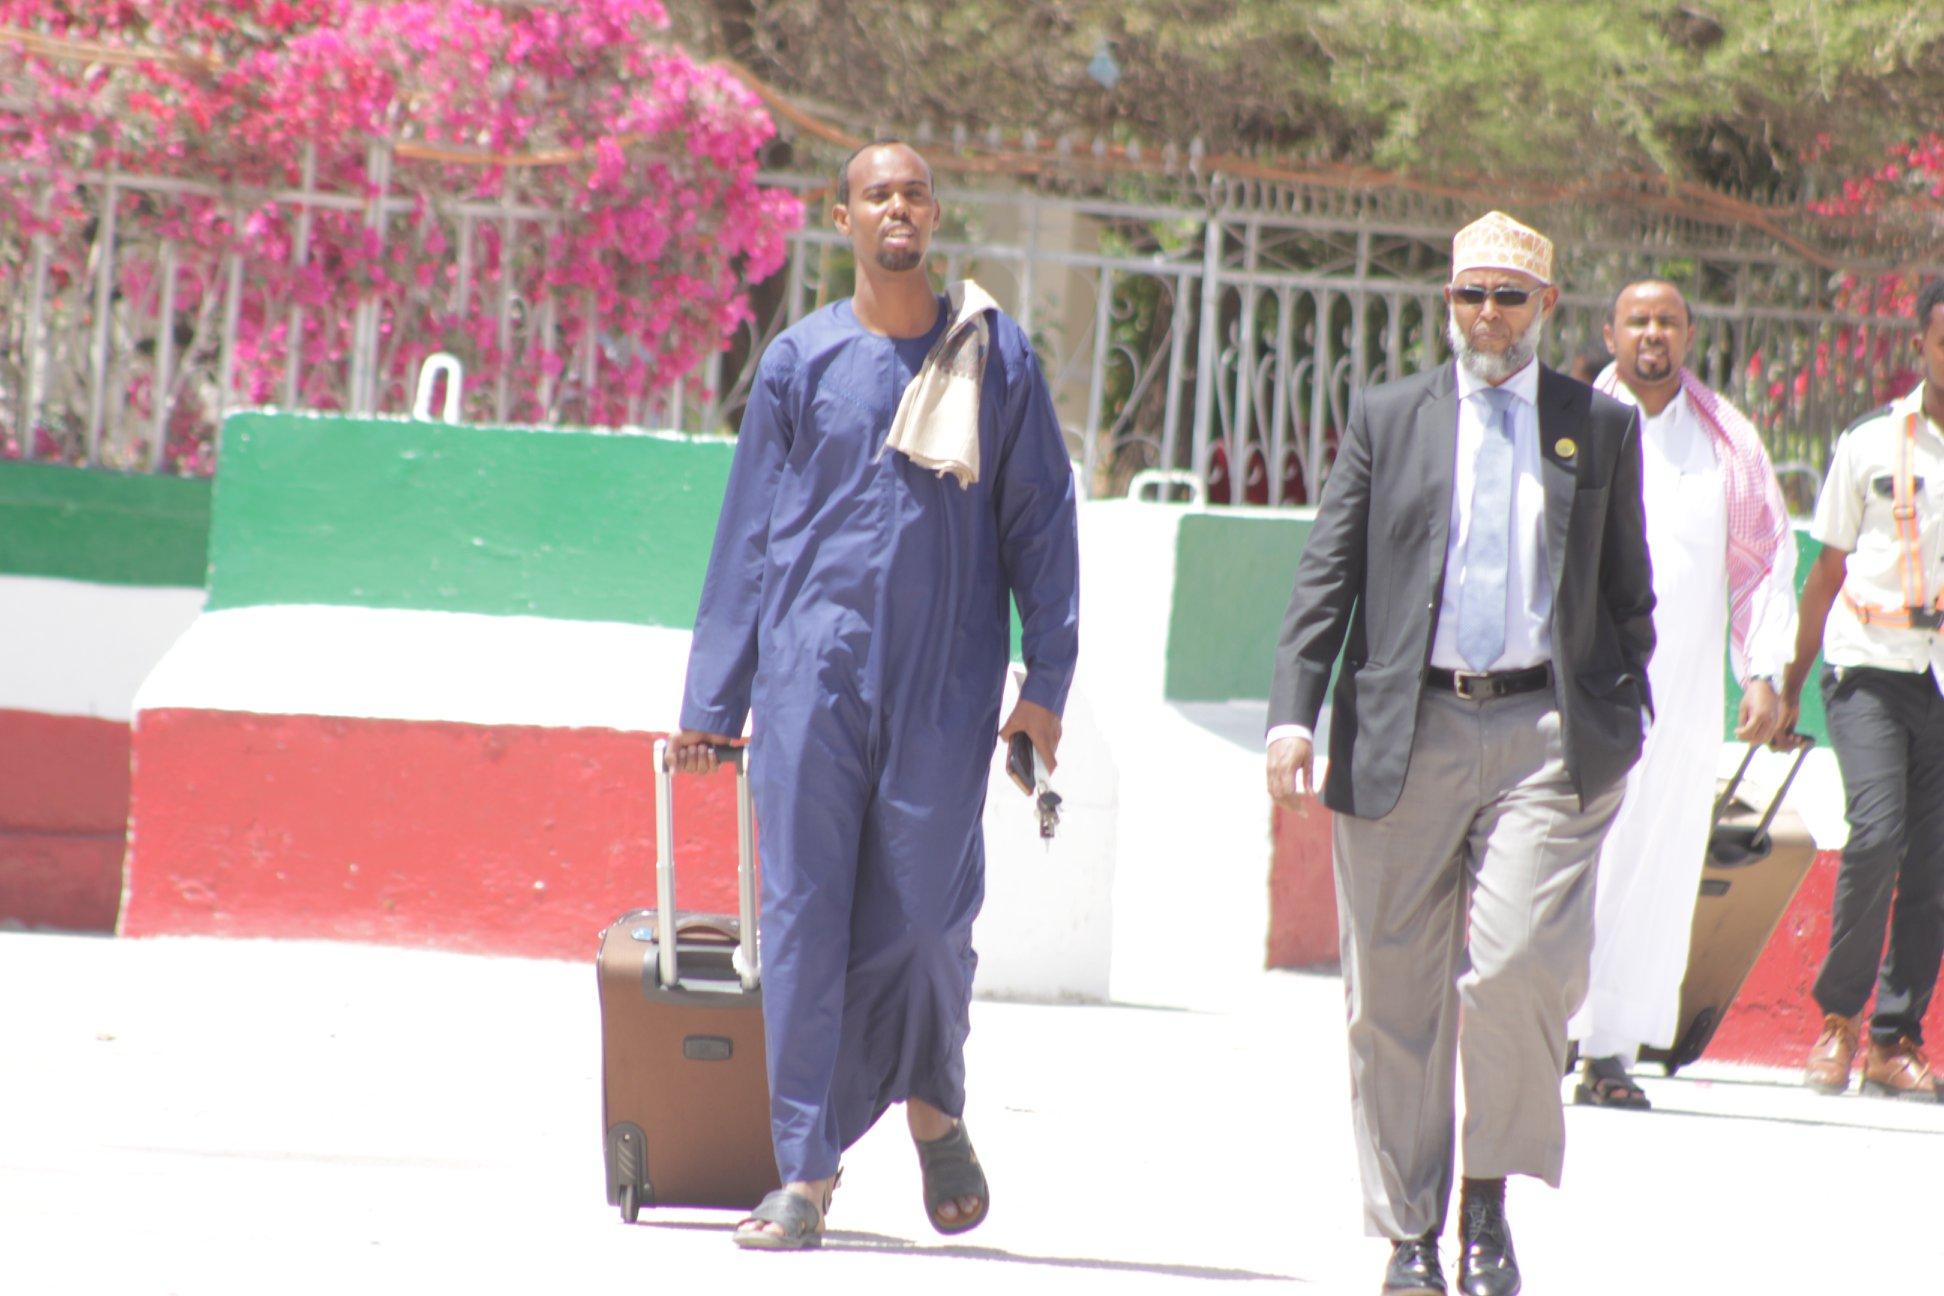 Hargaysa:Wasiirka Xidhiidhka Golayasha Iyo Dastuurka Somaliland Maxamed X.Aadan Cilmi Oo Si Balaadhan Loogu Soo Dhaweyay Garoonka Diyaradaha Caasimada Hargeysa.